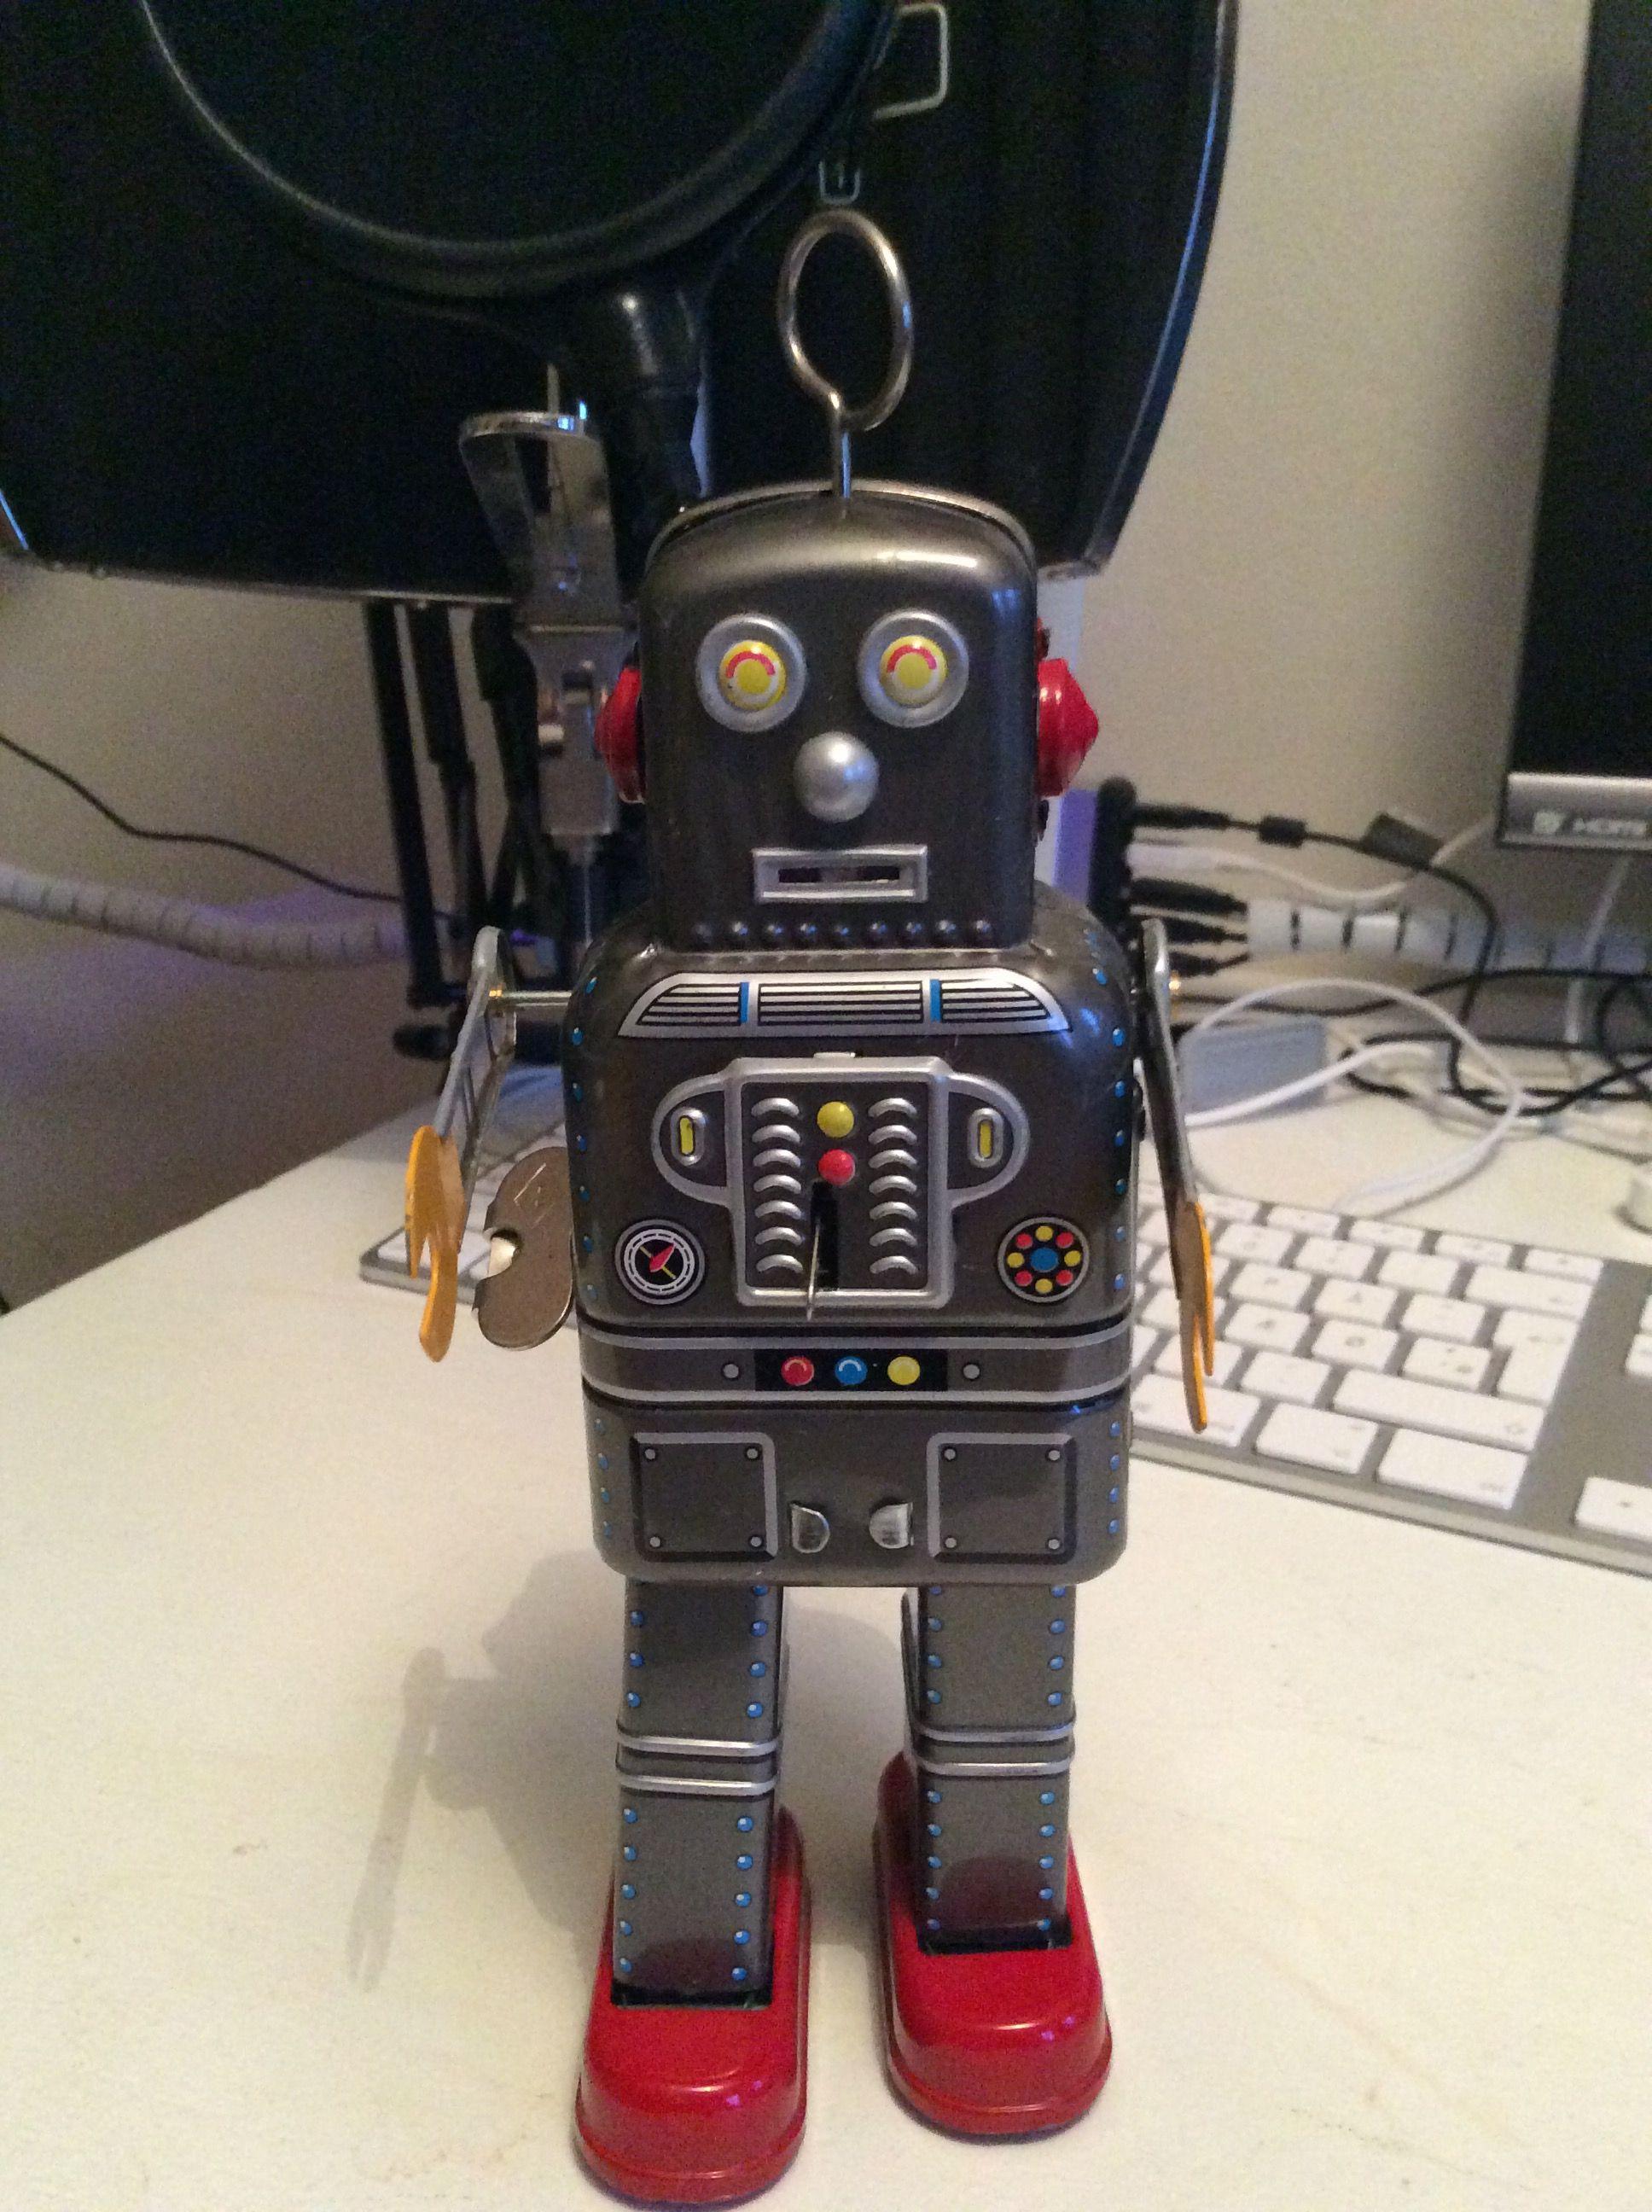 Lloyd Robot er opkaldt efter Lloyd Cole, en engelsk sanger. Lloyd er god til at give kram.